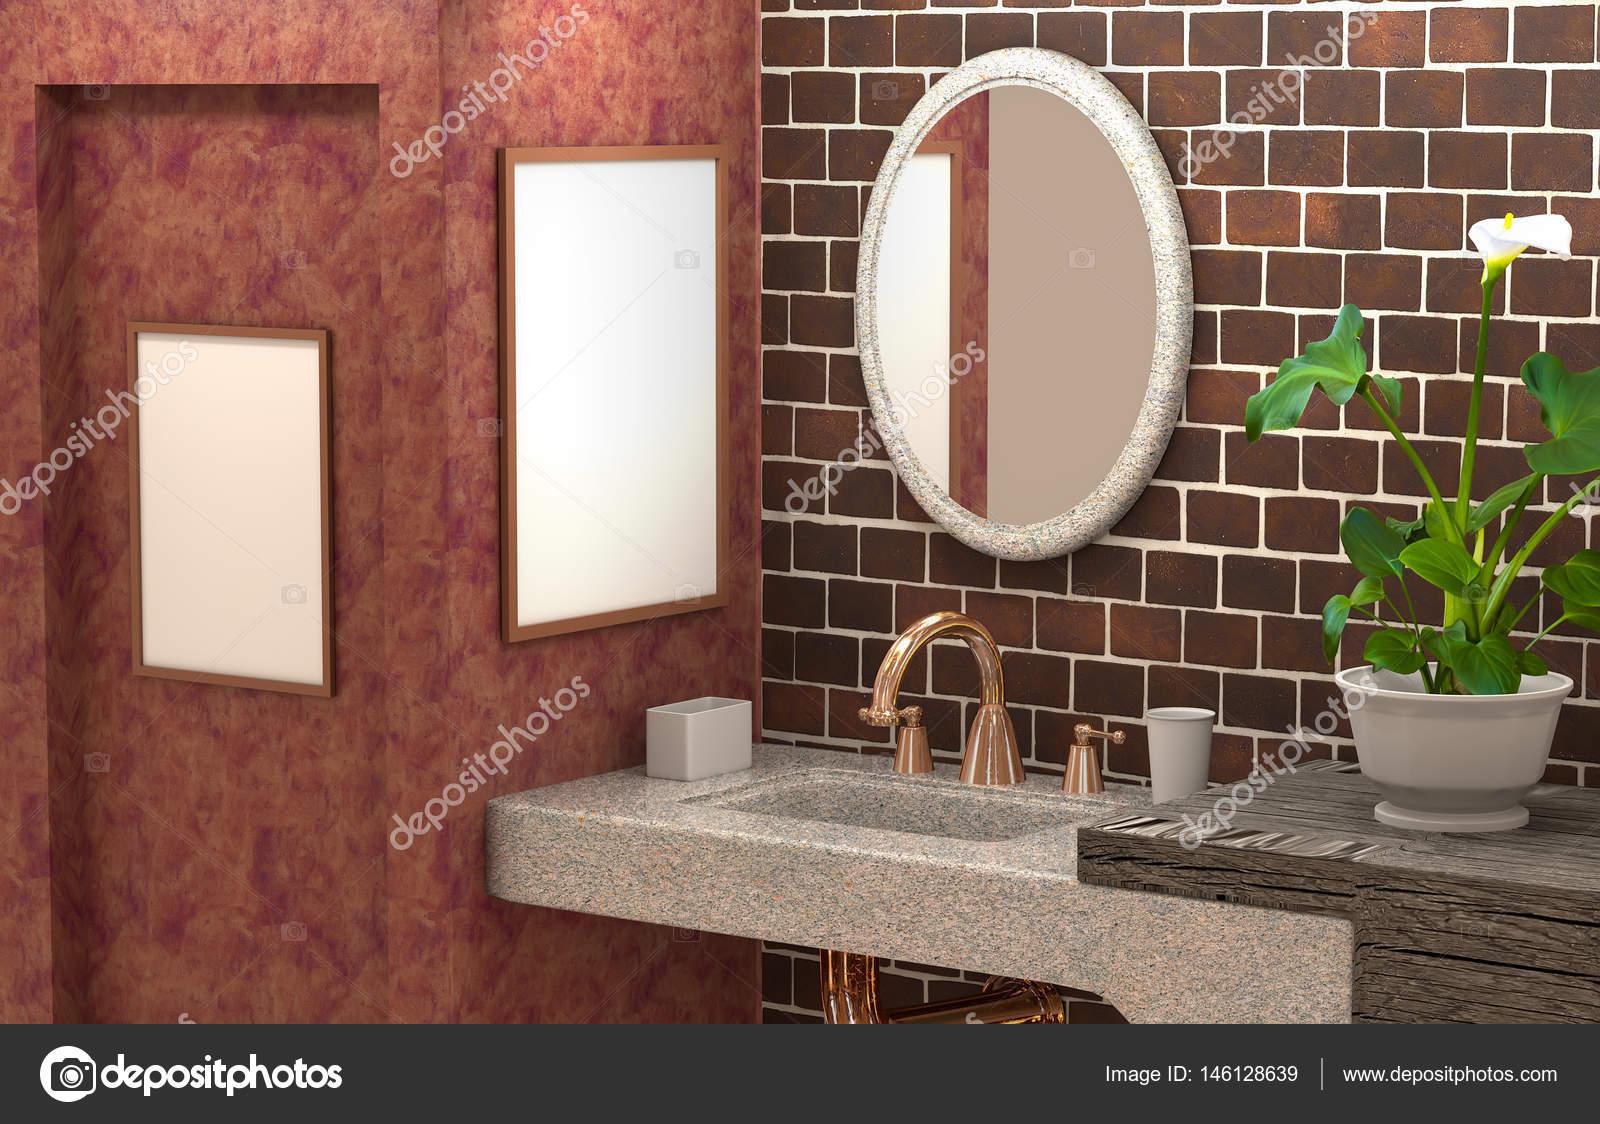 Betonnen Badkamer Muur : D interieur van de badkamer met betonnen muur abstract furnitu